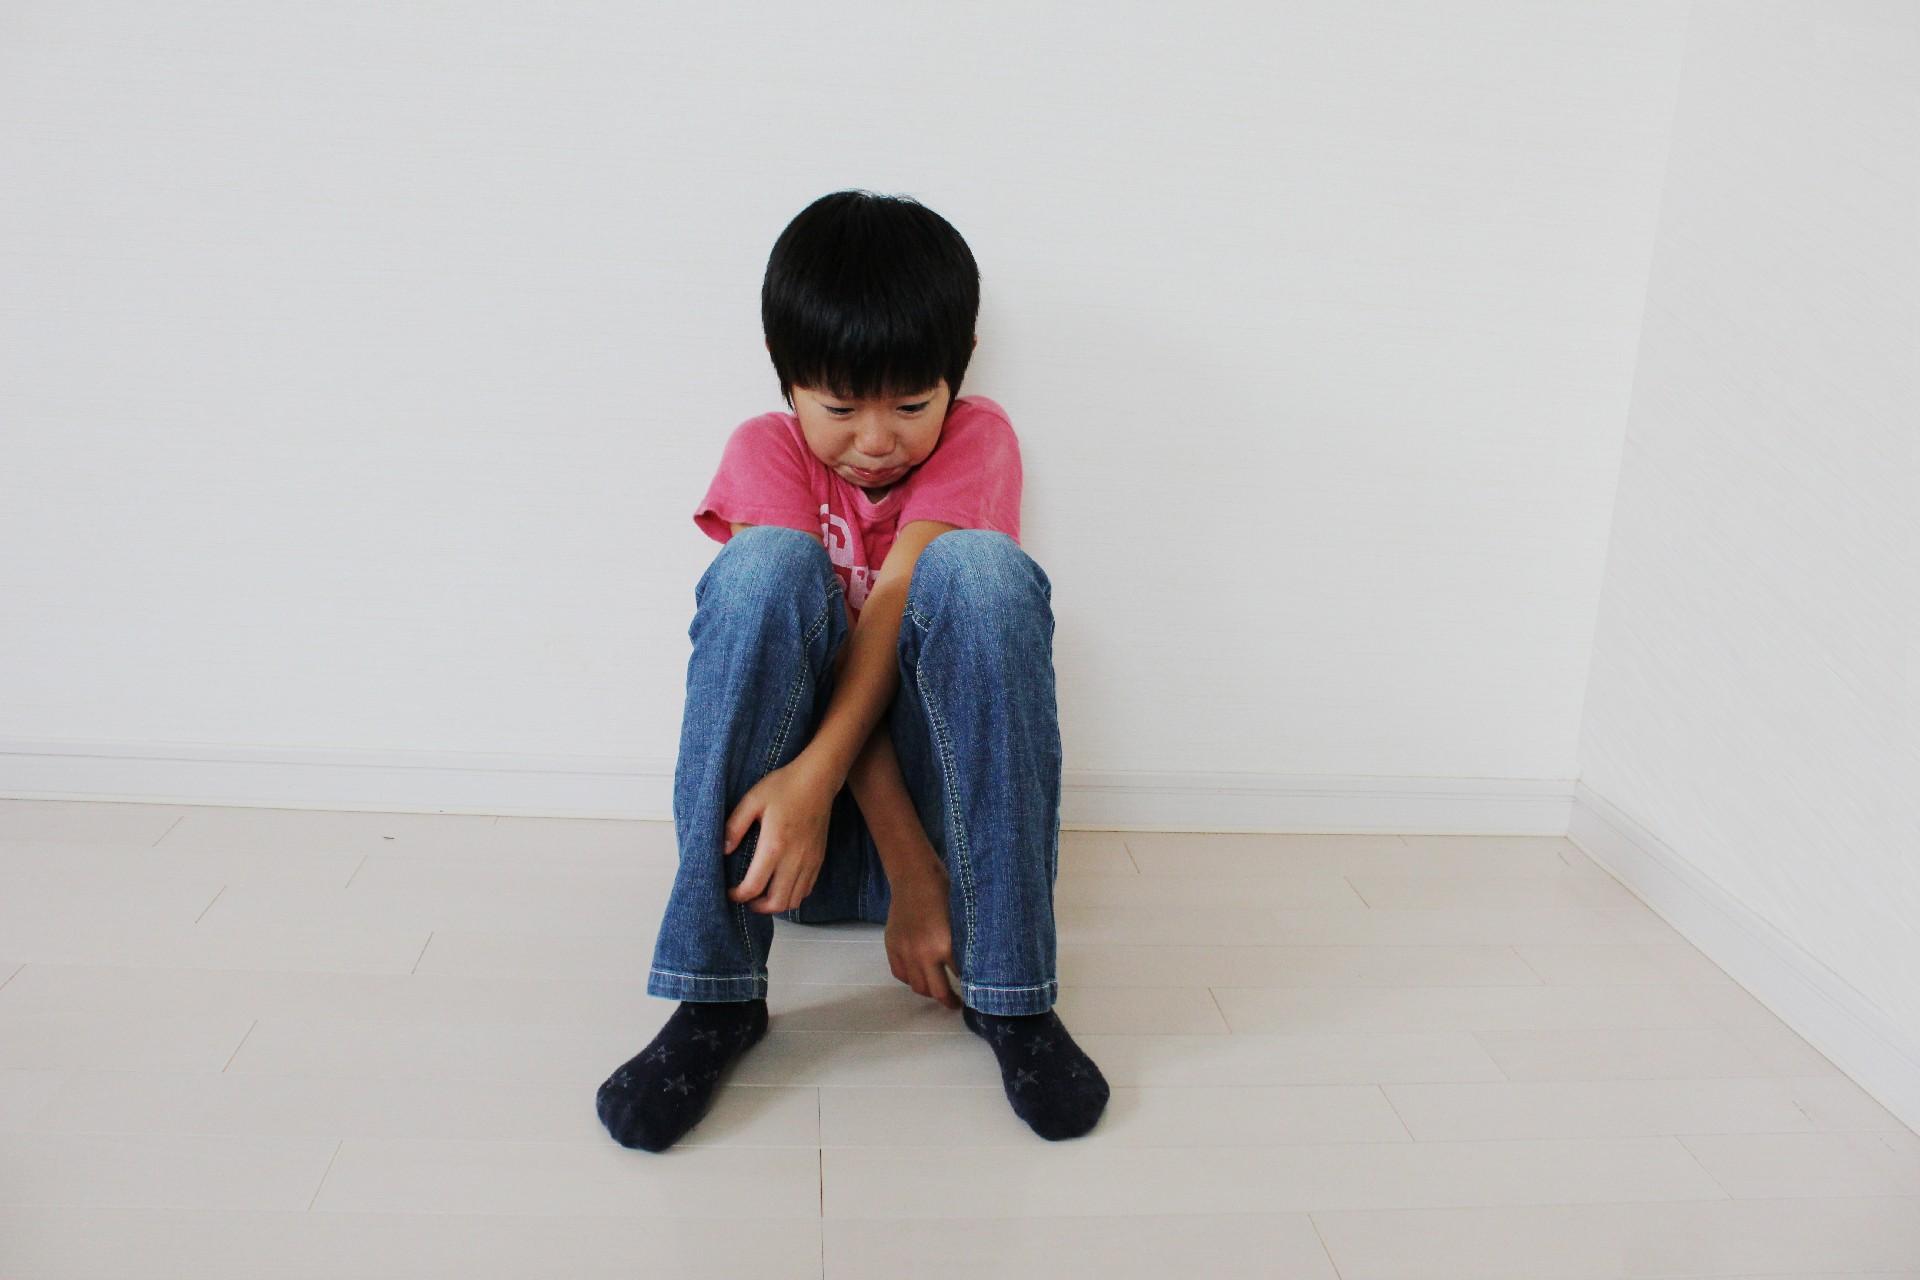 小学校で友達がいない、できないのはダメじゃない。子供にとって本当に大事なこととは